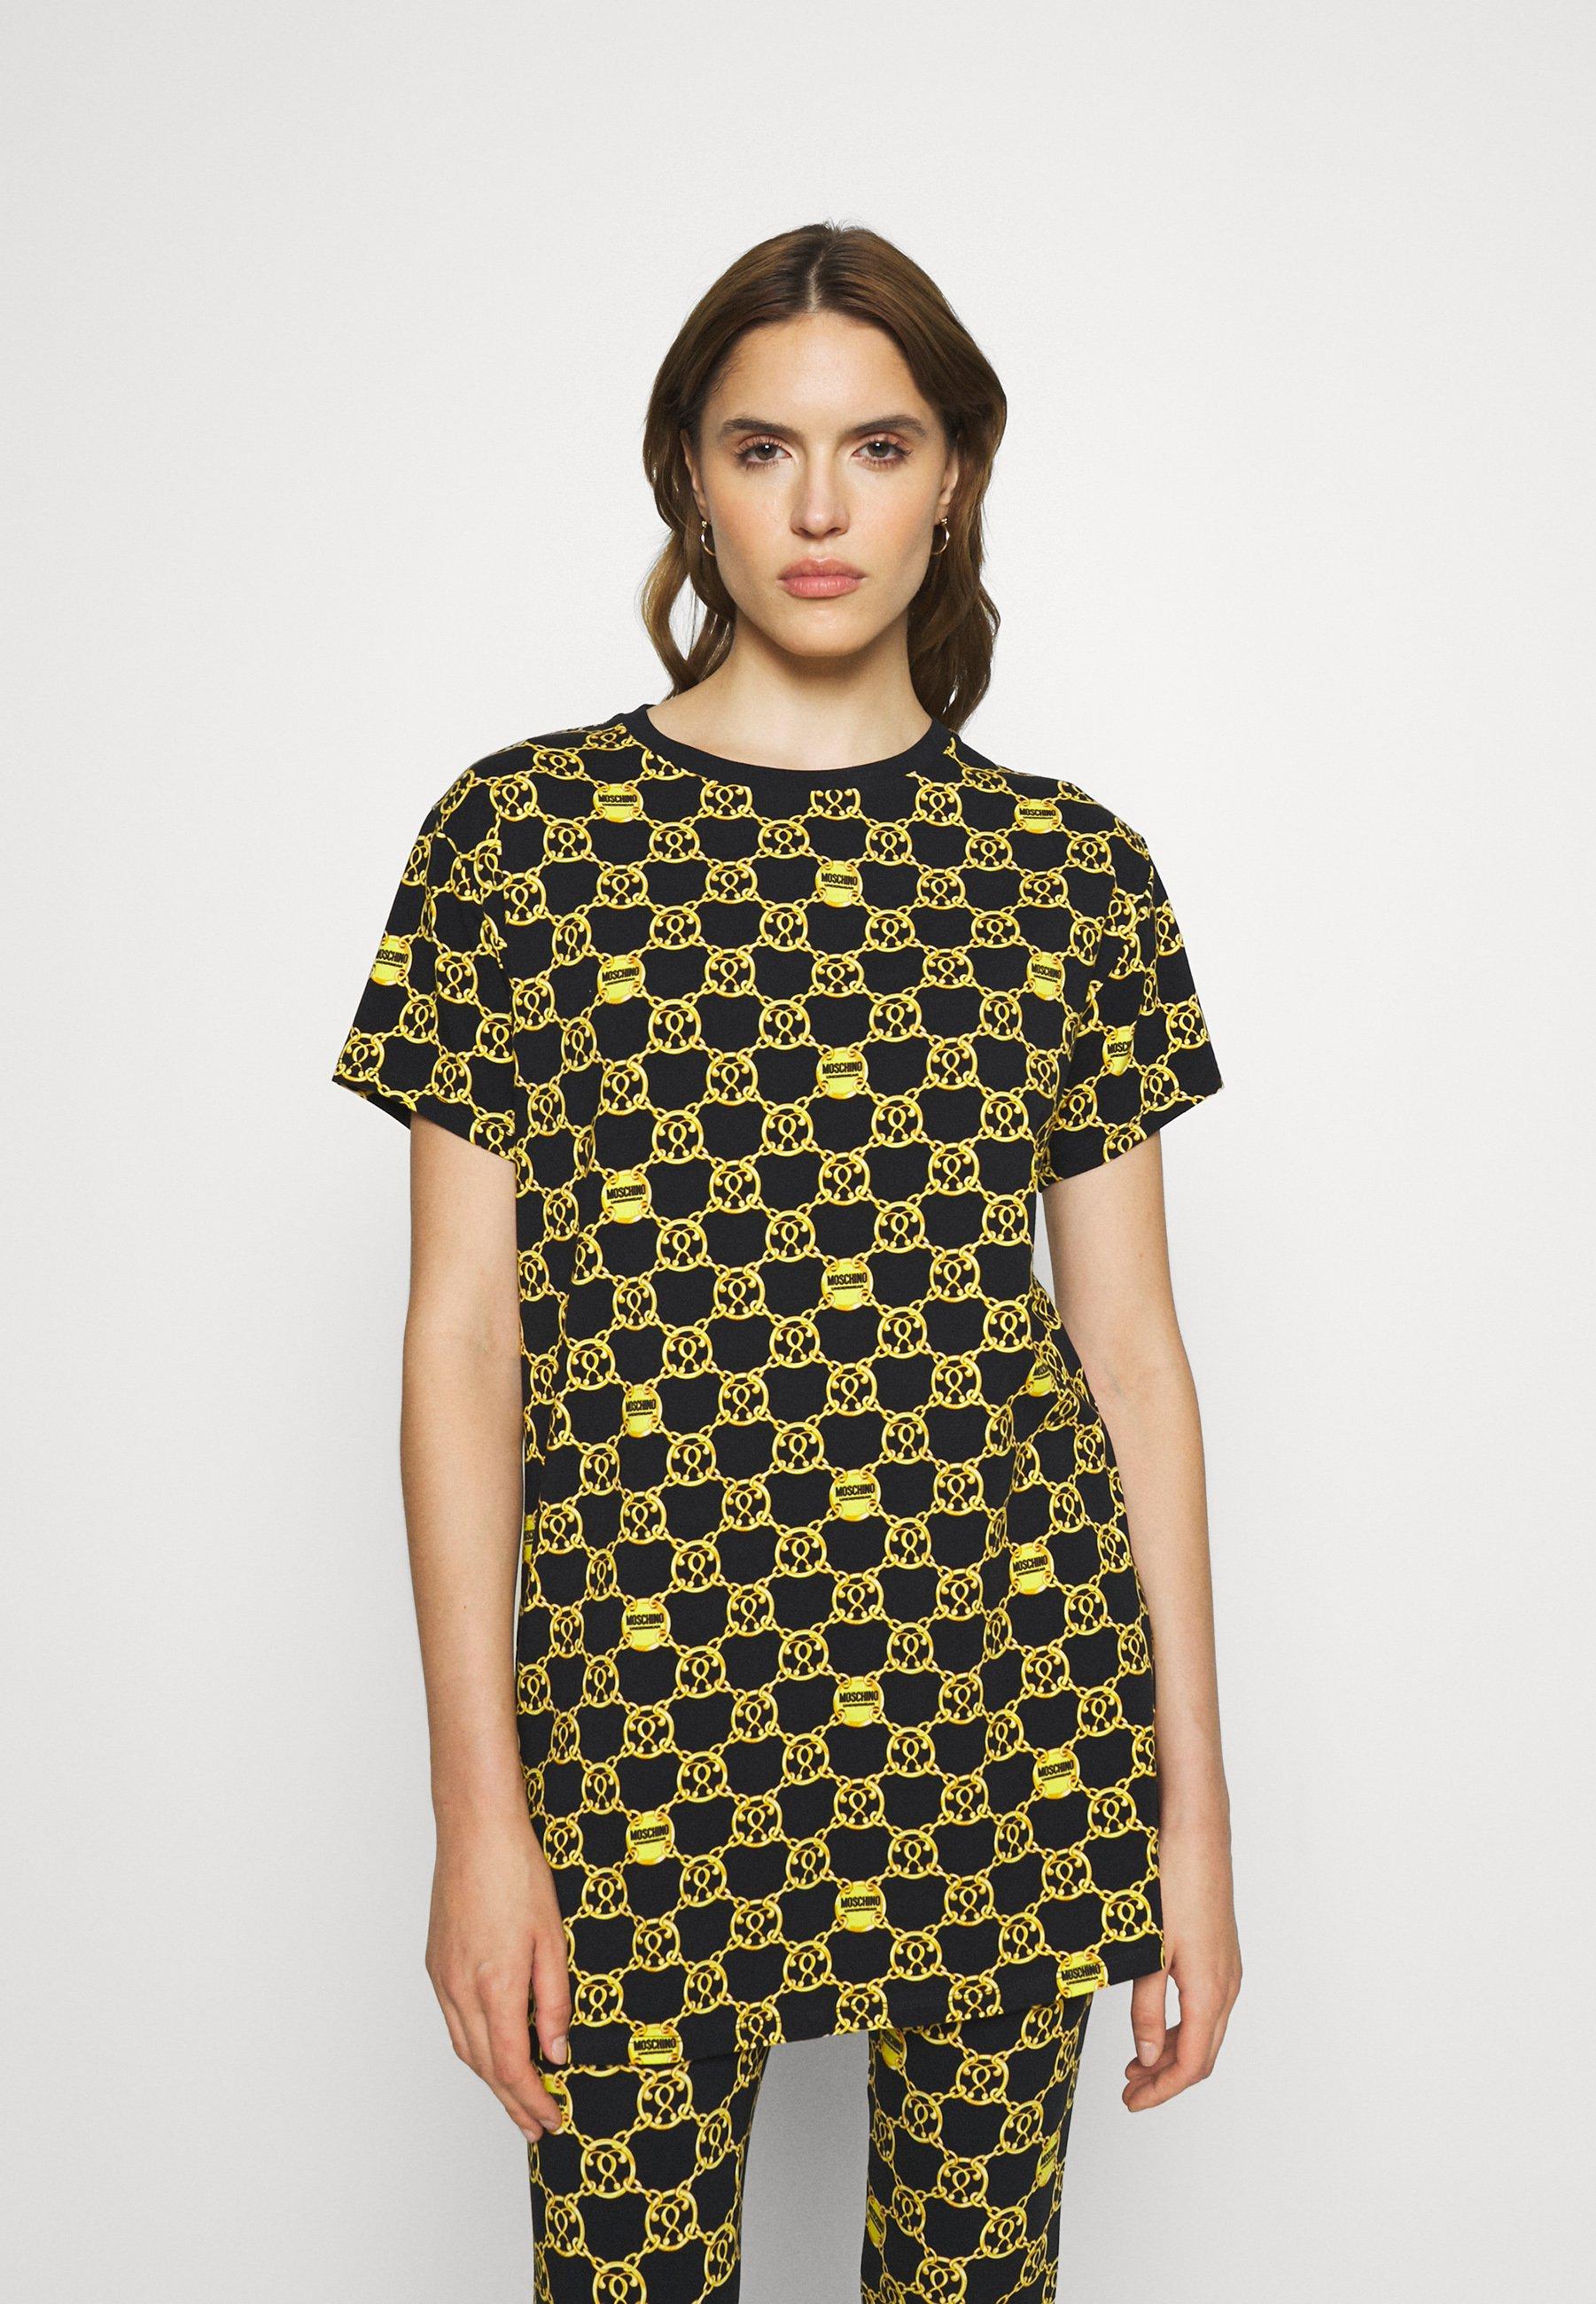 Damen MAXI - Nachtwäsche Shirt